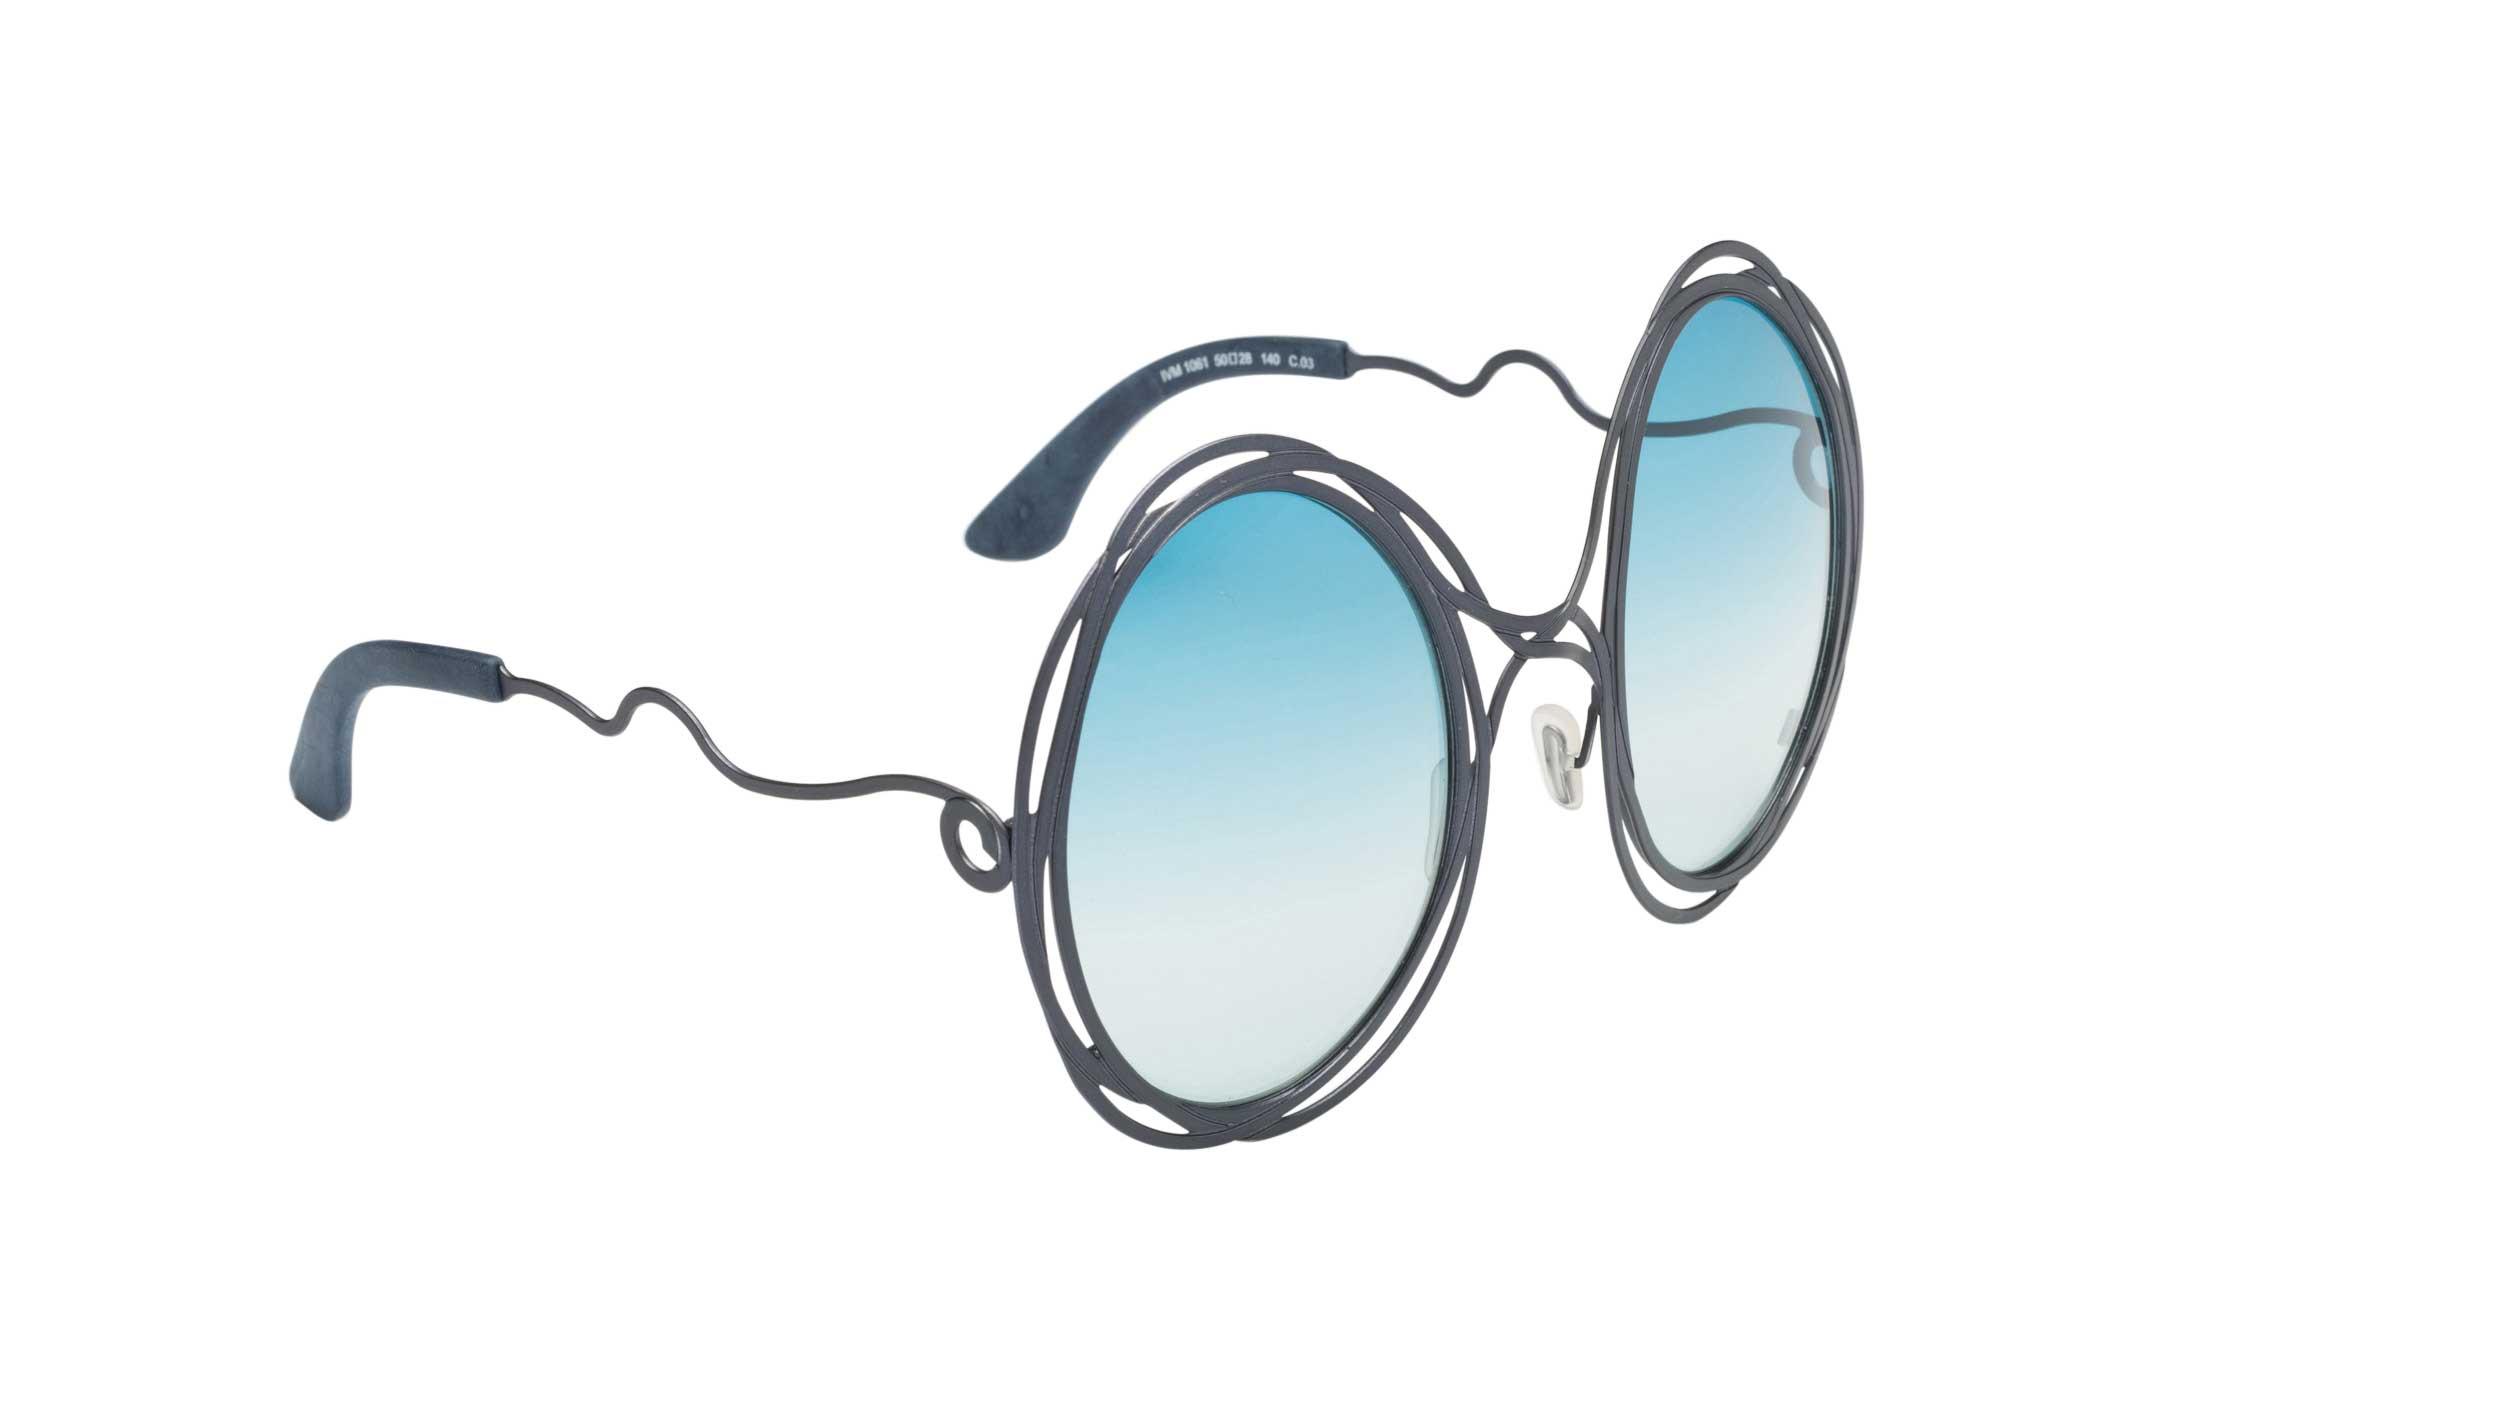 Occhiali da sole Fil di Ferro asta blu lente azzurra